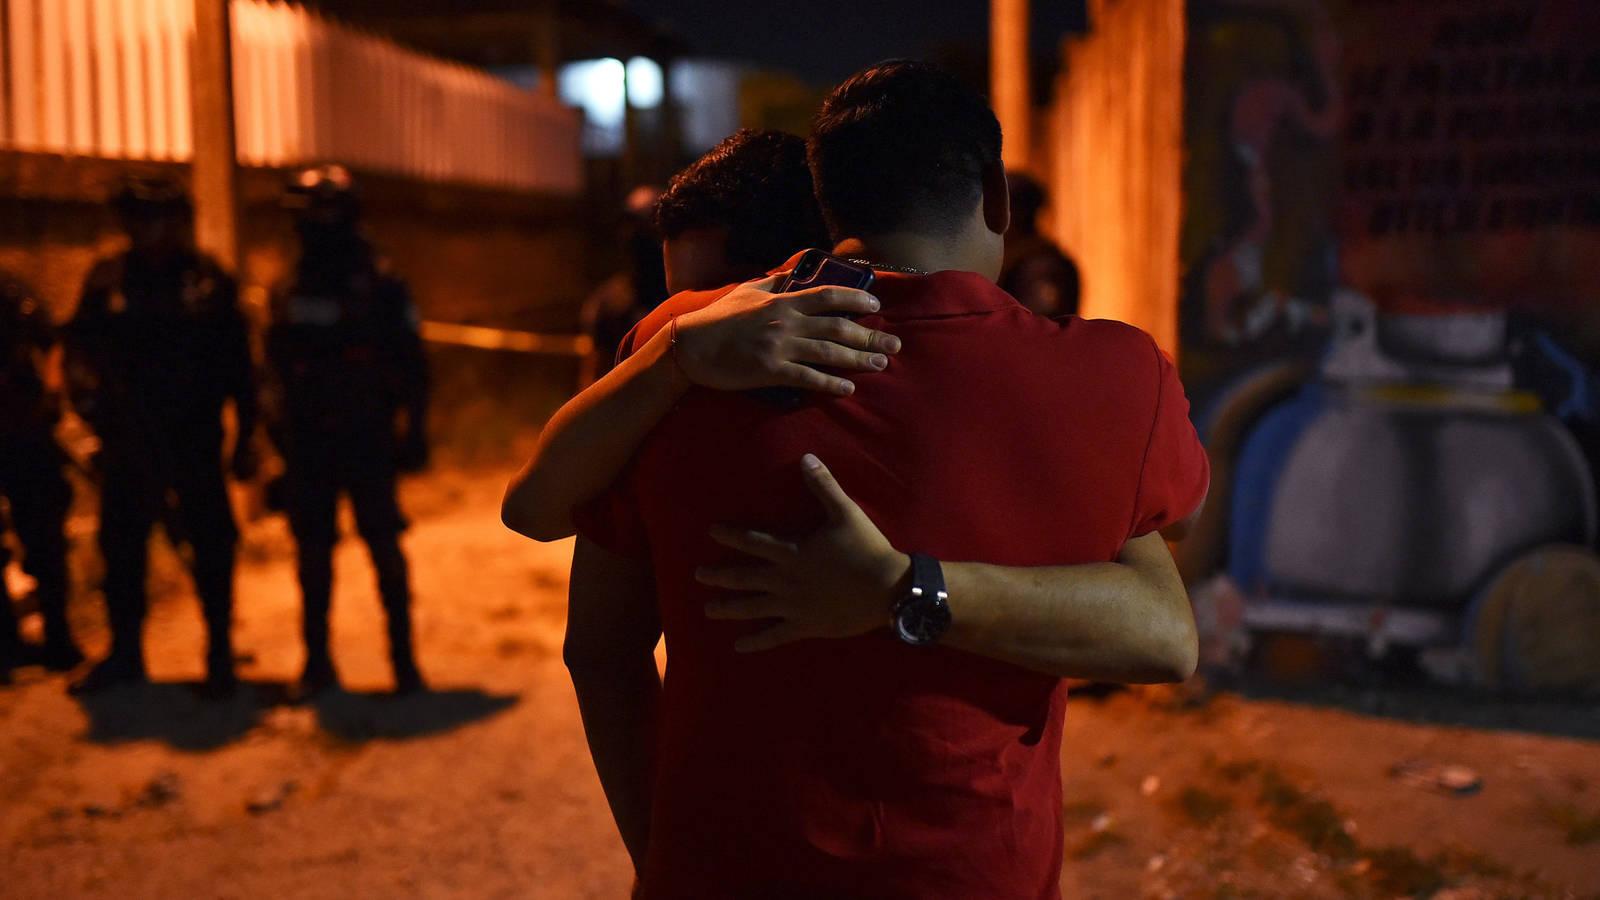 Masacre en México: Hombres armados matan a 14 personas y un menor en una fiesta familiar